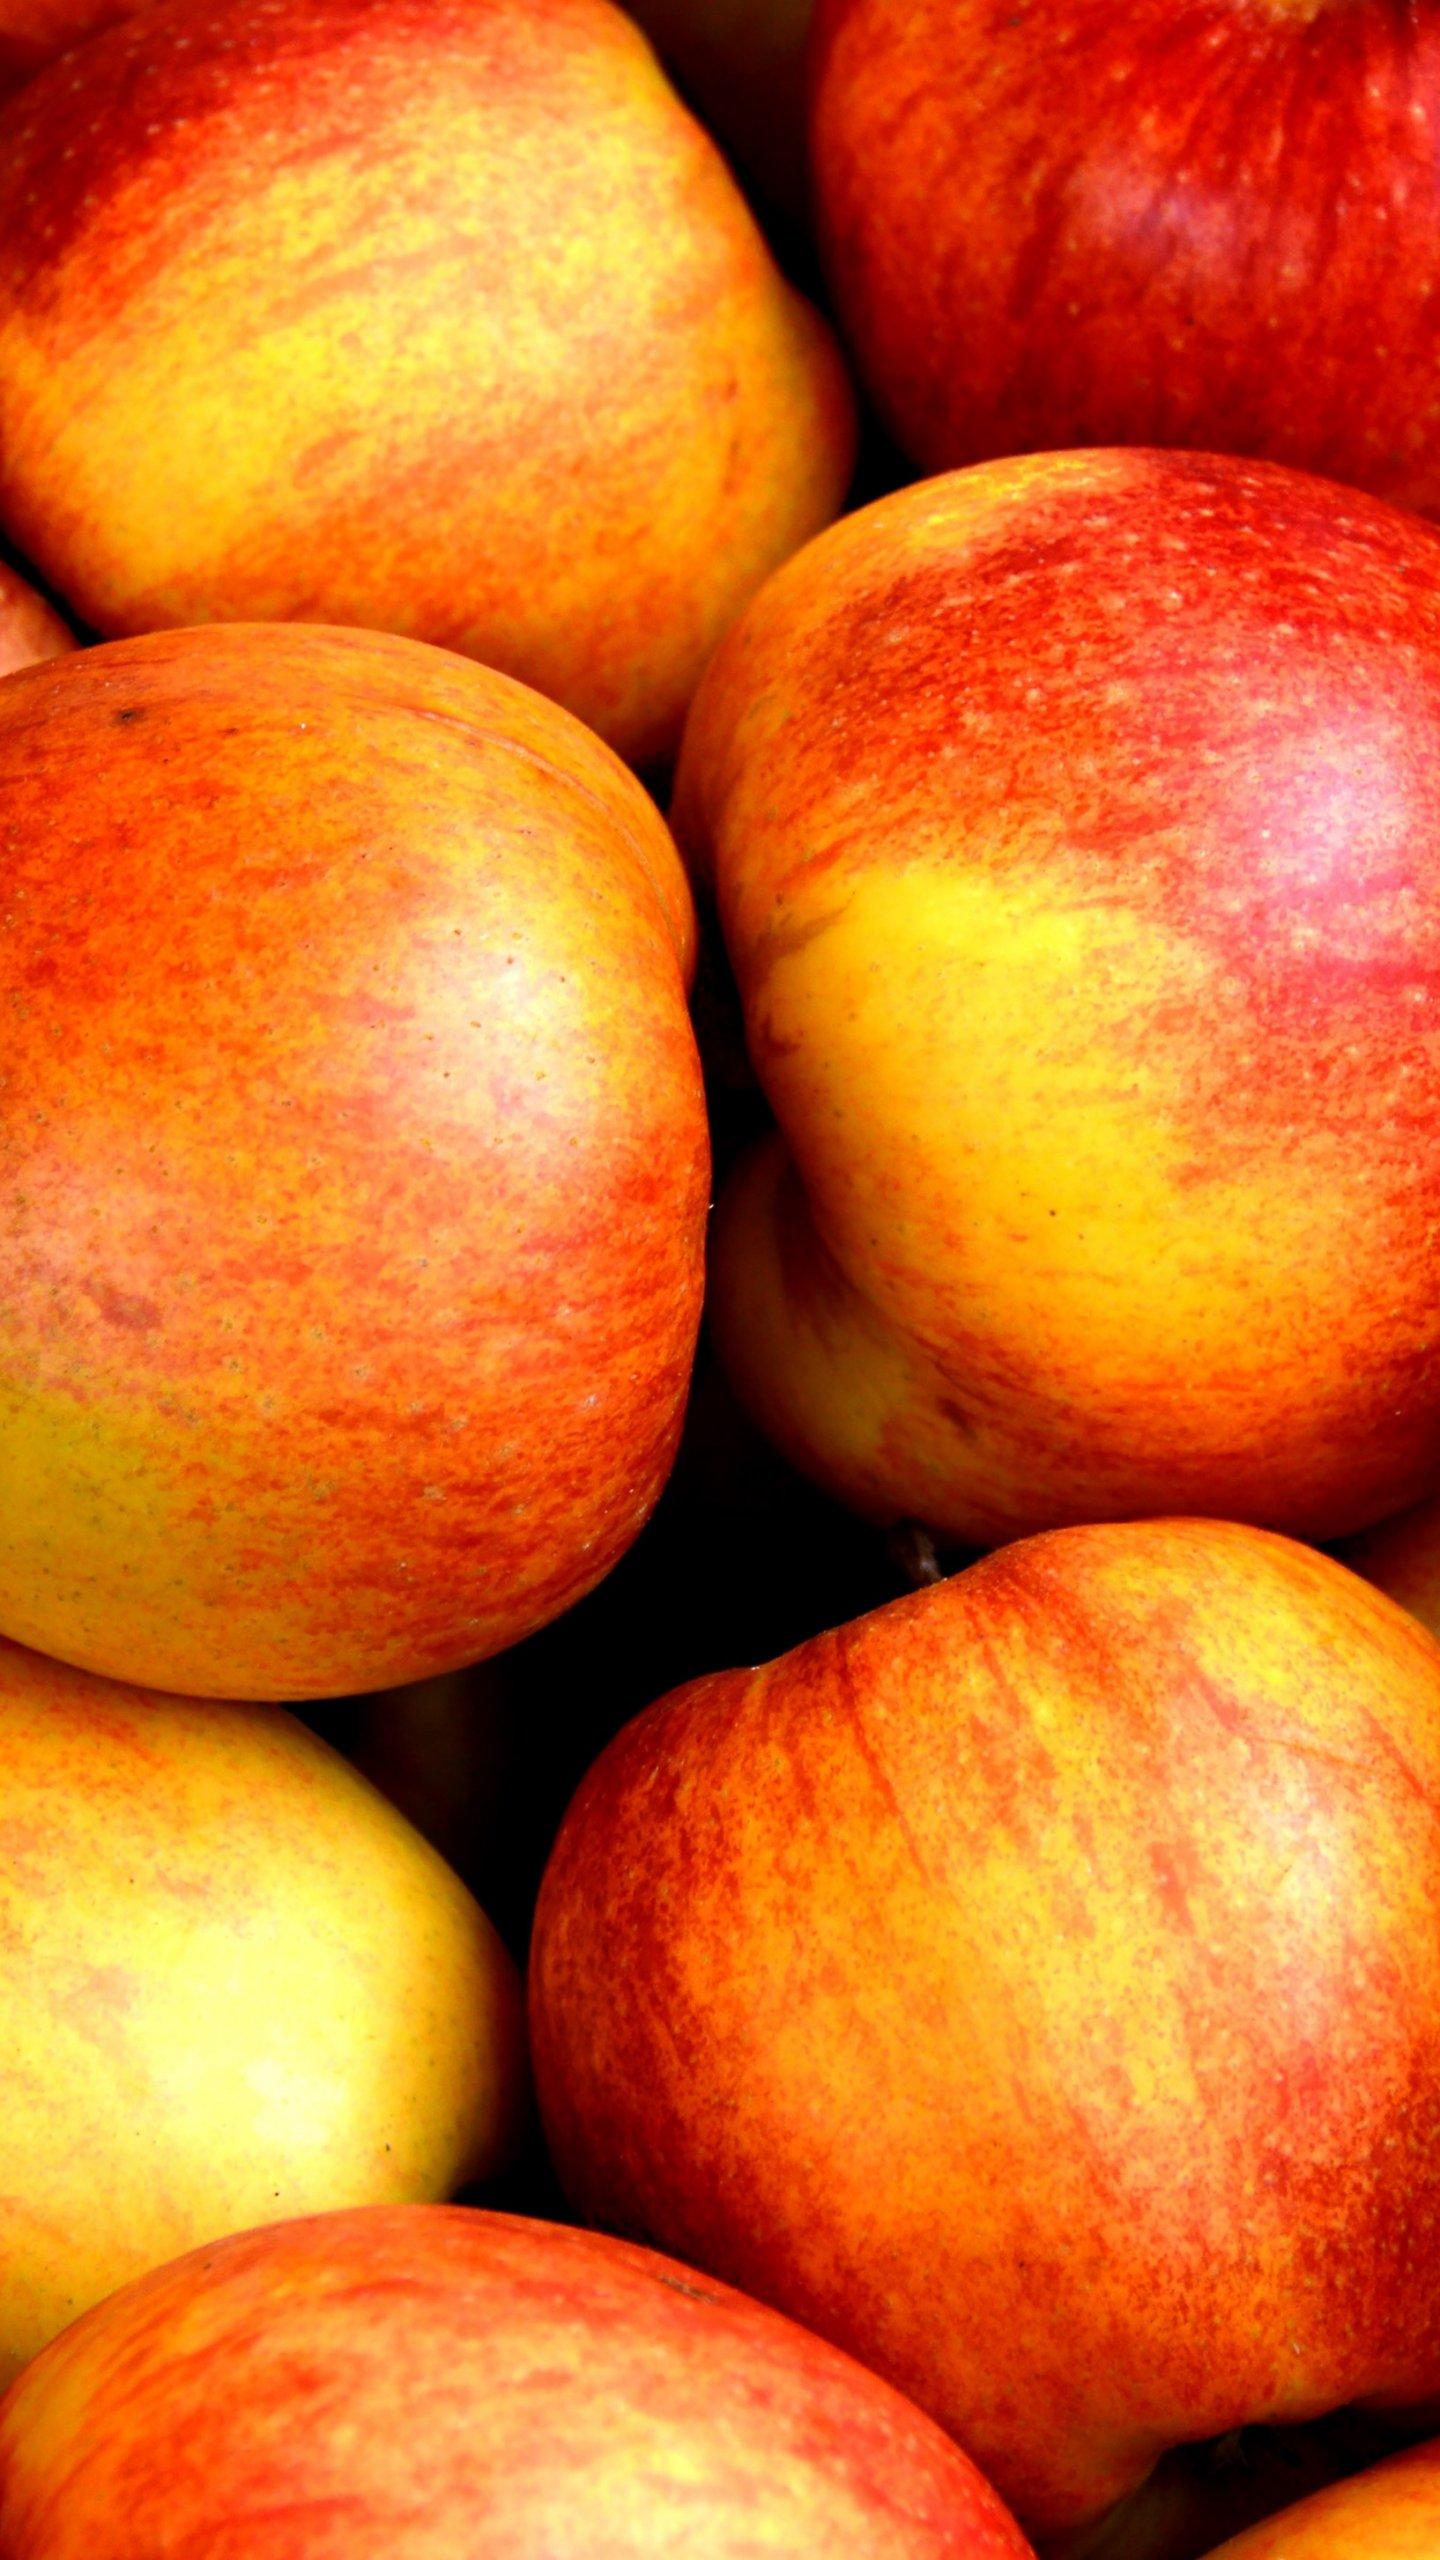 fresh crisp apples wallpaper - mobile & desktop background